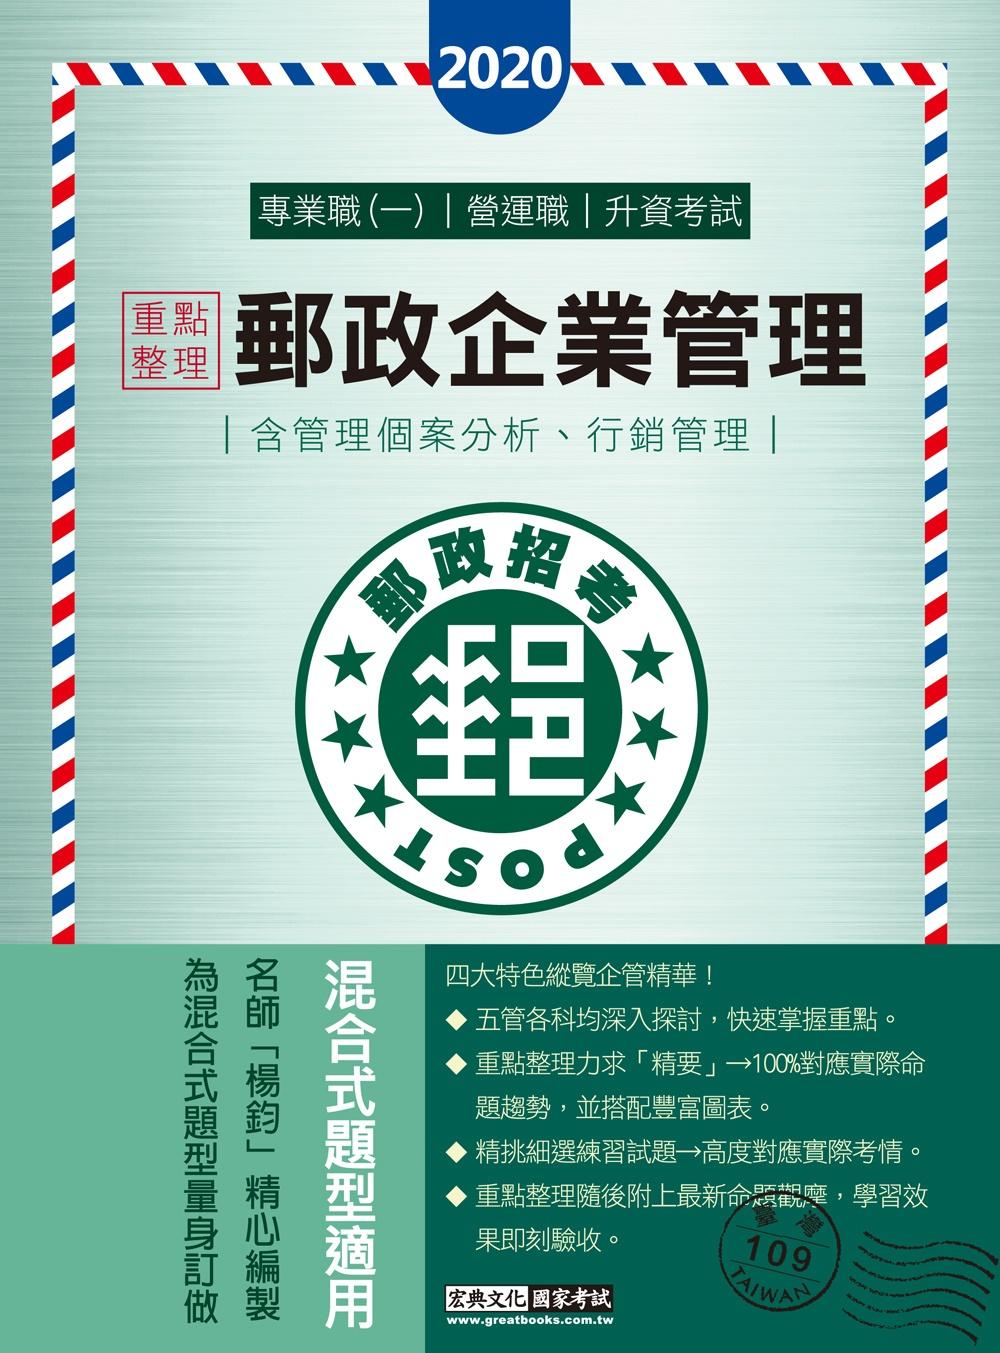 【對應考科新制】2017 郵政企業管理(含概要):專業職(一)、營運職、升資考試(申論題型)